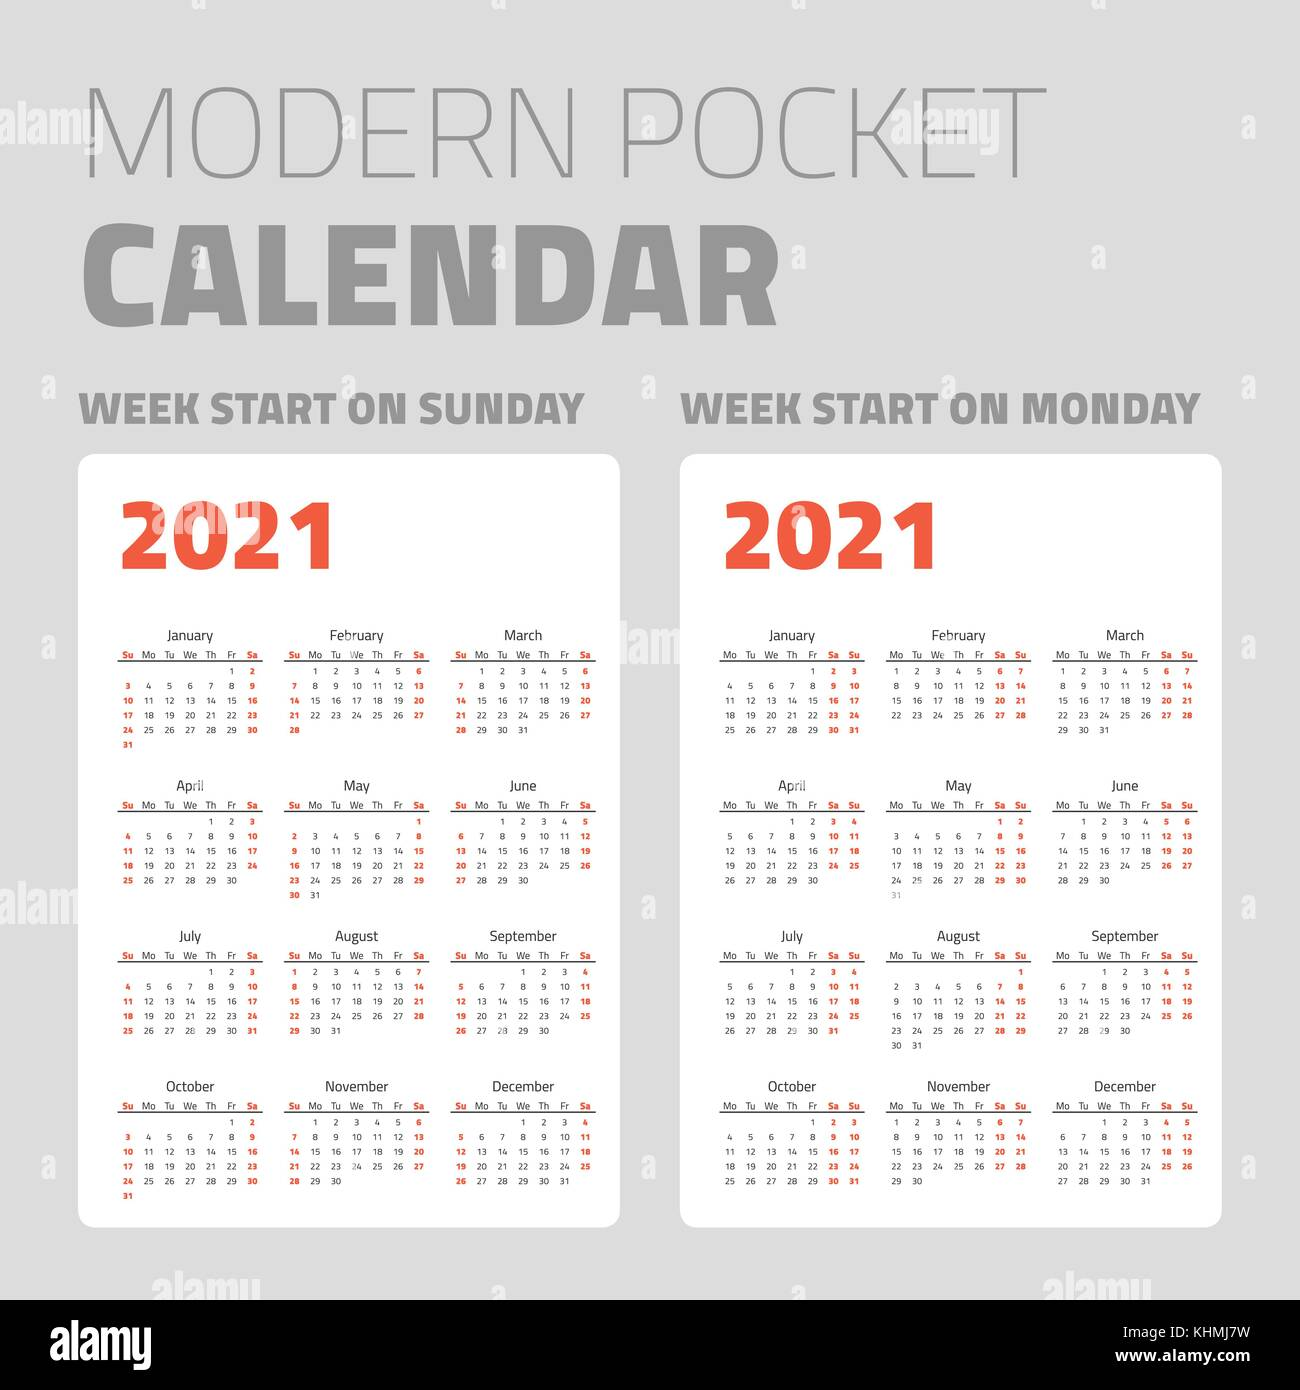 Moderno calendario tascabile serie 2021 Immagine e Vettoriale   Alamy